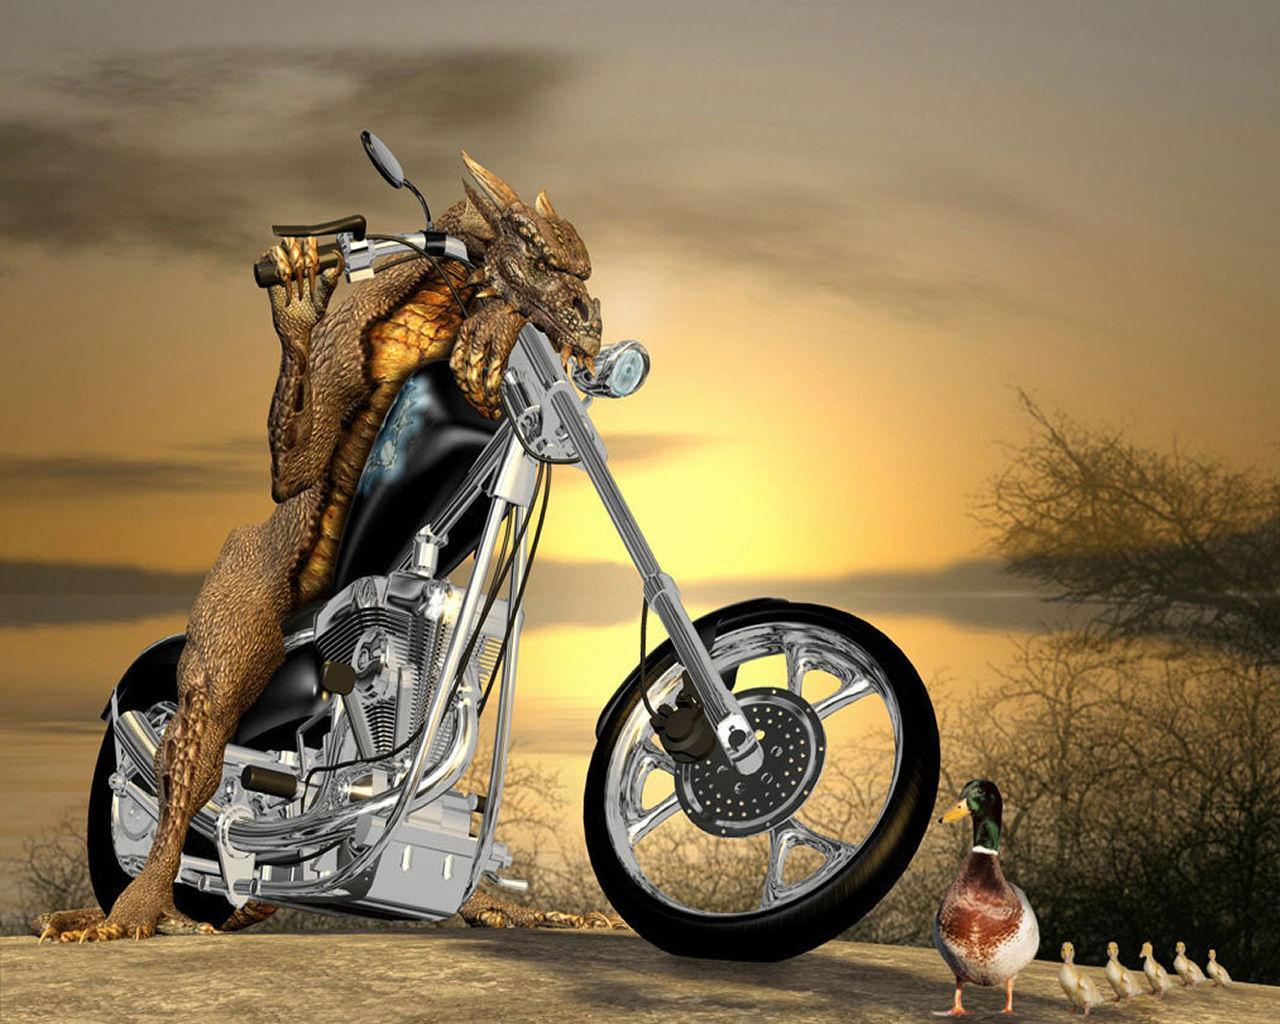 http://1.bp.blogspot.com/_e5a1u7zq5io/TT0bfbquciI/AAAAAAAAAN8/HKdBeumZNgk/s1600/Funny%20Wallpapers%20for%20desktop%20%283%29.jpg